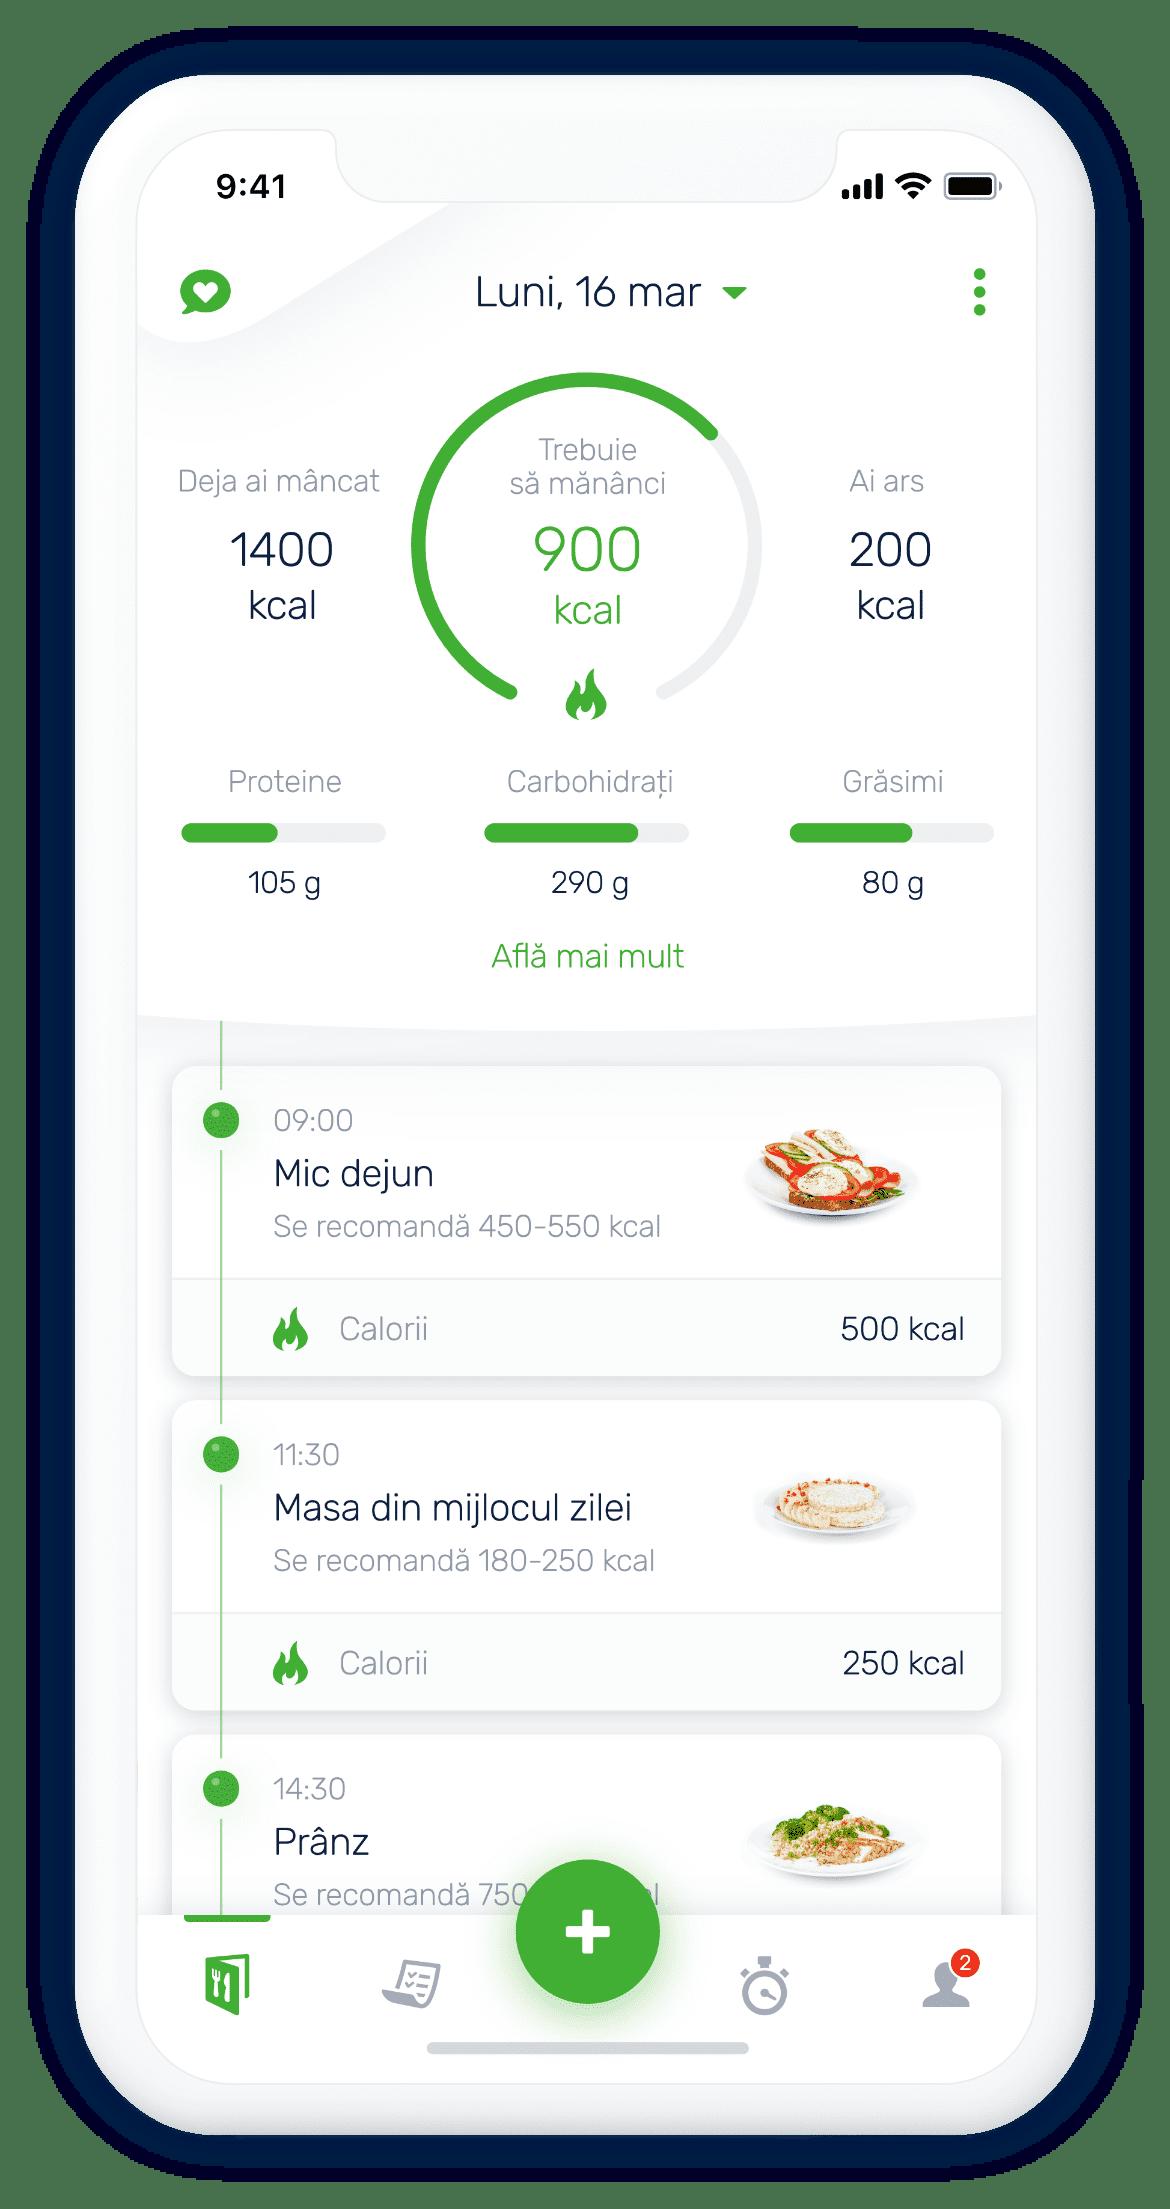 Dietă şi Fitness: 8 sfaturi pentru a mânca sănătos, cu un buget redus